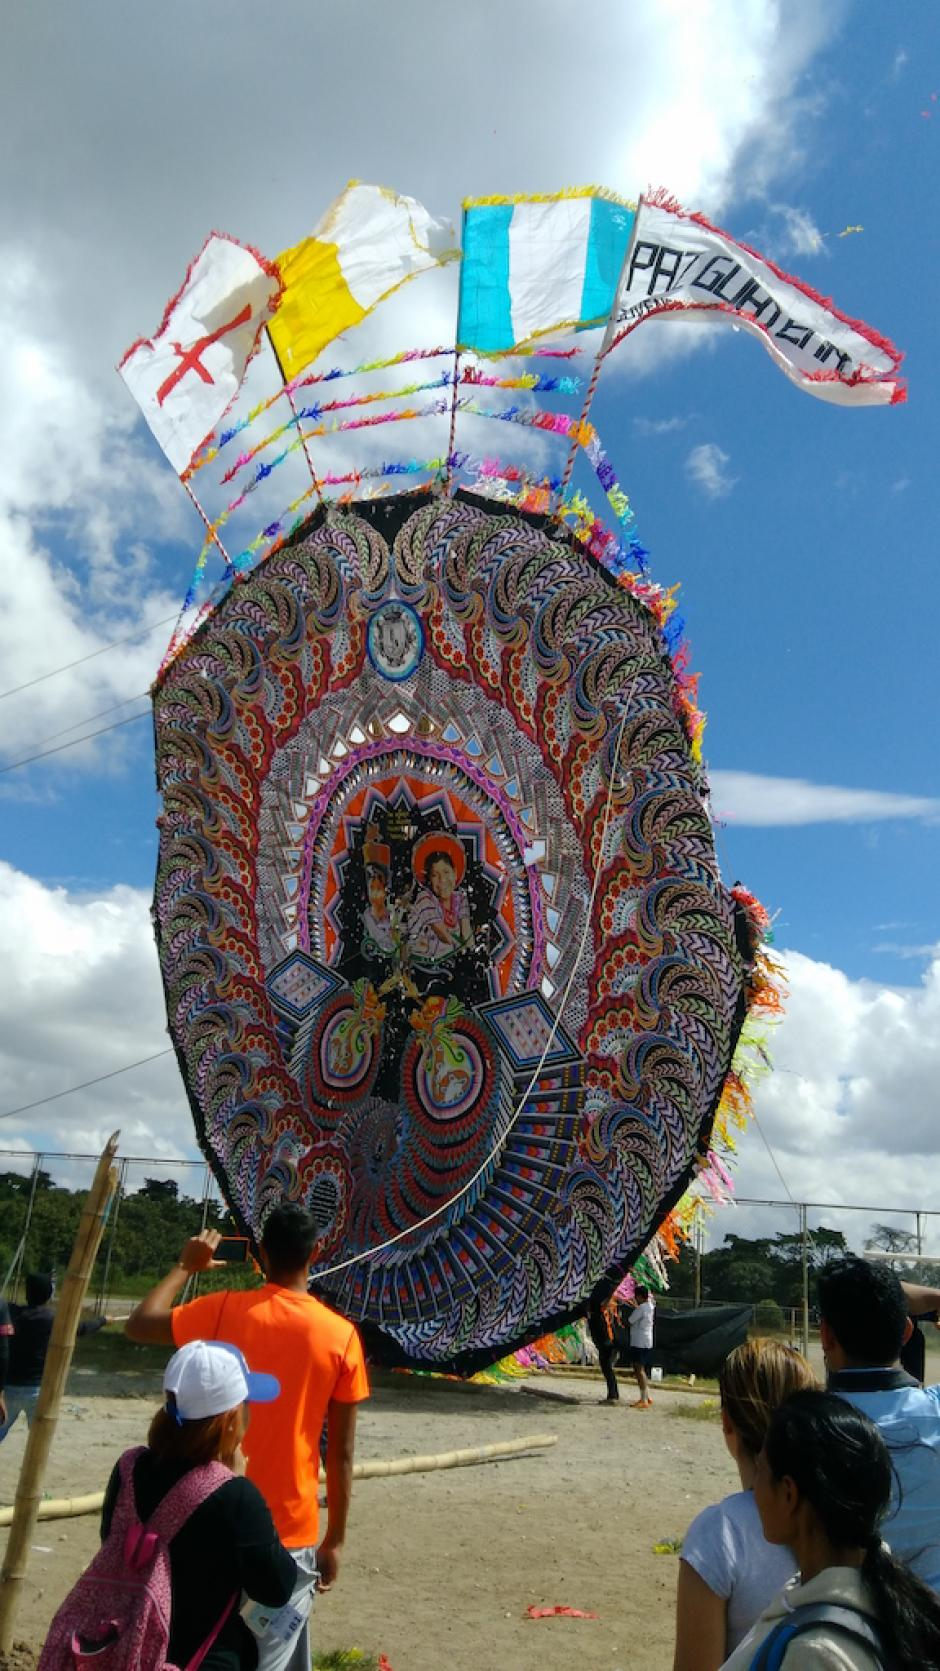 Los barriletes gigantes mostraron su grandeza en el parque Erick Barrondo. (Foto: Ministerio de Cultura y Deportes)